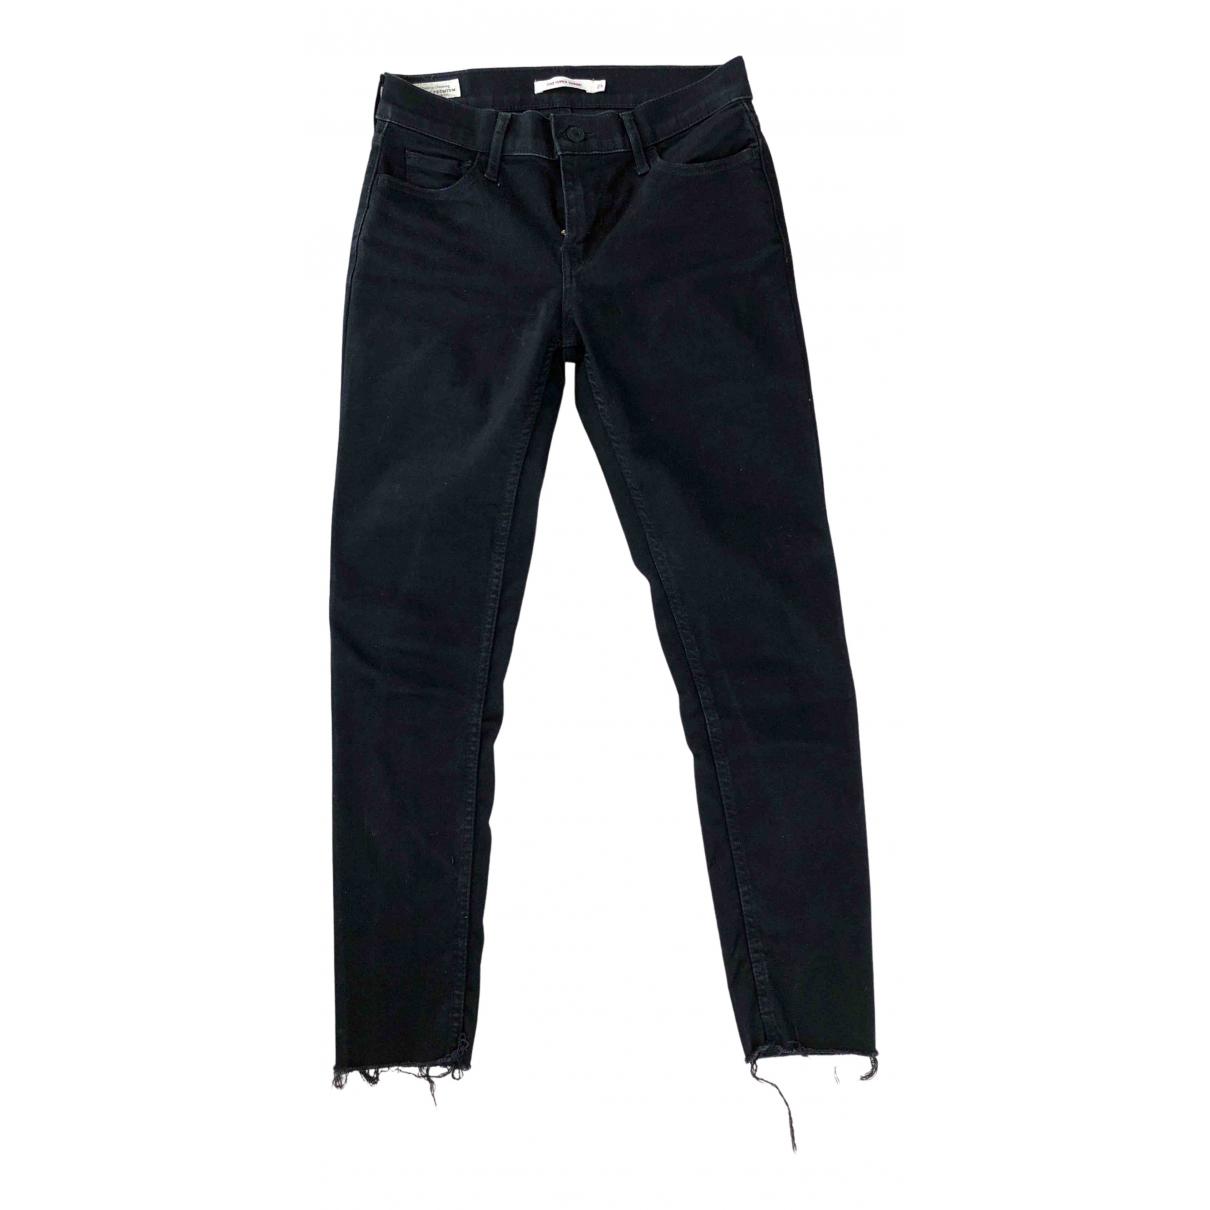 Levi's 710 Black Denim - Jeans Jeans for Women 25 US